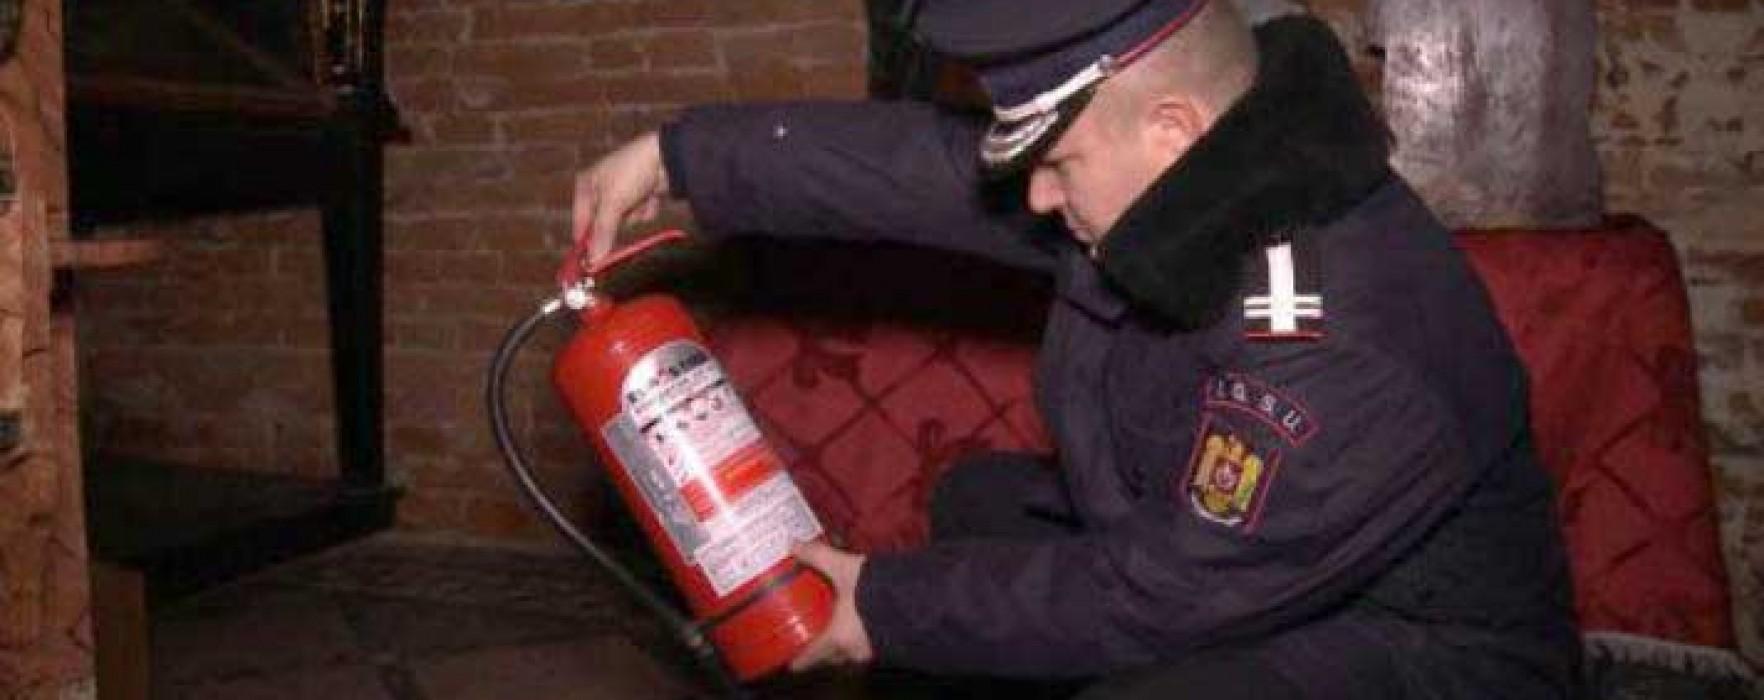 ISU Dâmboviţa: Zeci de controale pe linia prevenirii incendiilor, 80 de amenzi aplicate